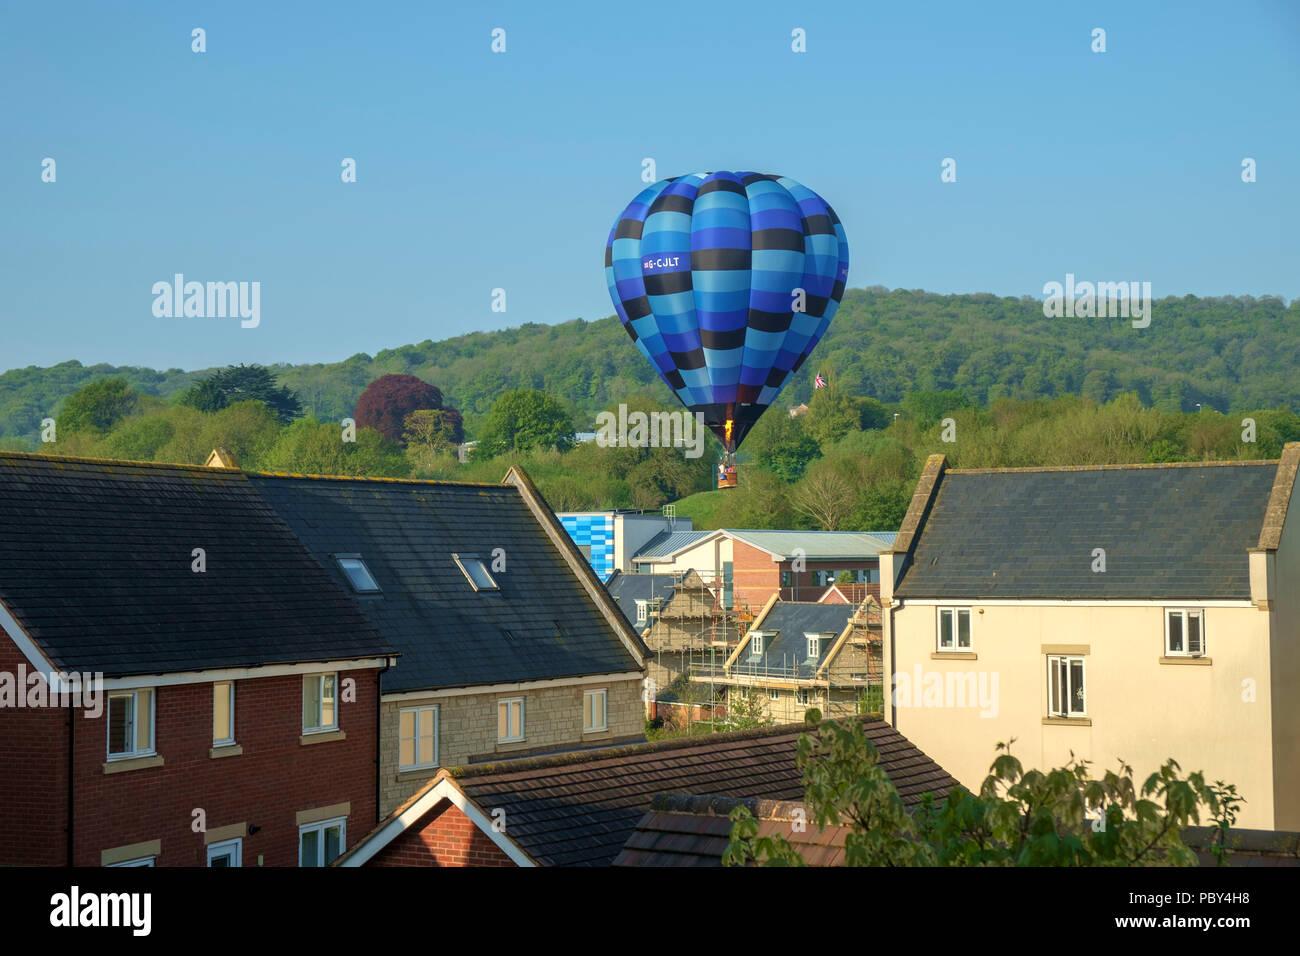 Dursley, Gloucestershire, UK - 7th May 2018: A hot air balloon makes